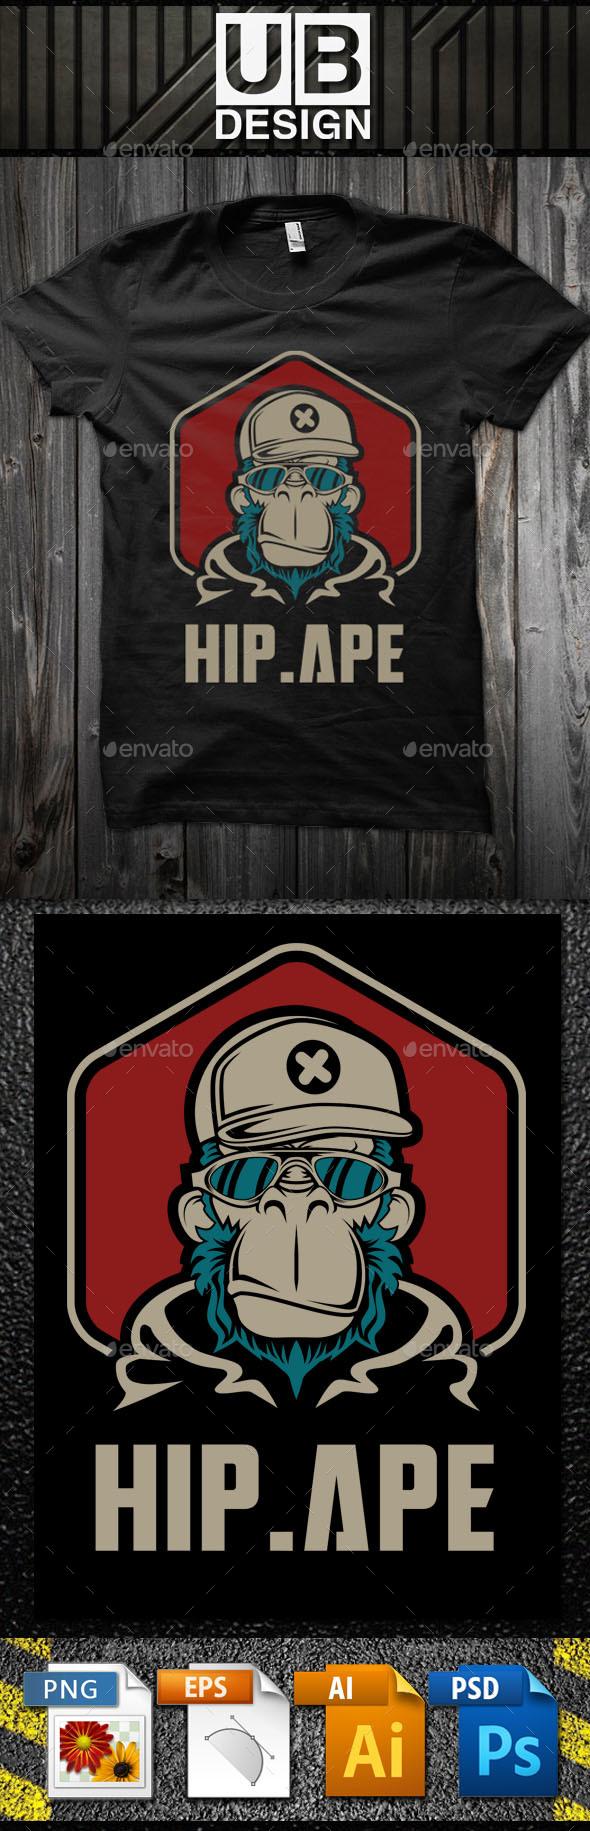 GraphicRiver Hip Ape T-Shirt Template 20975127